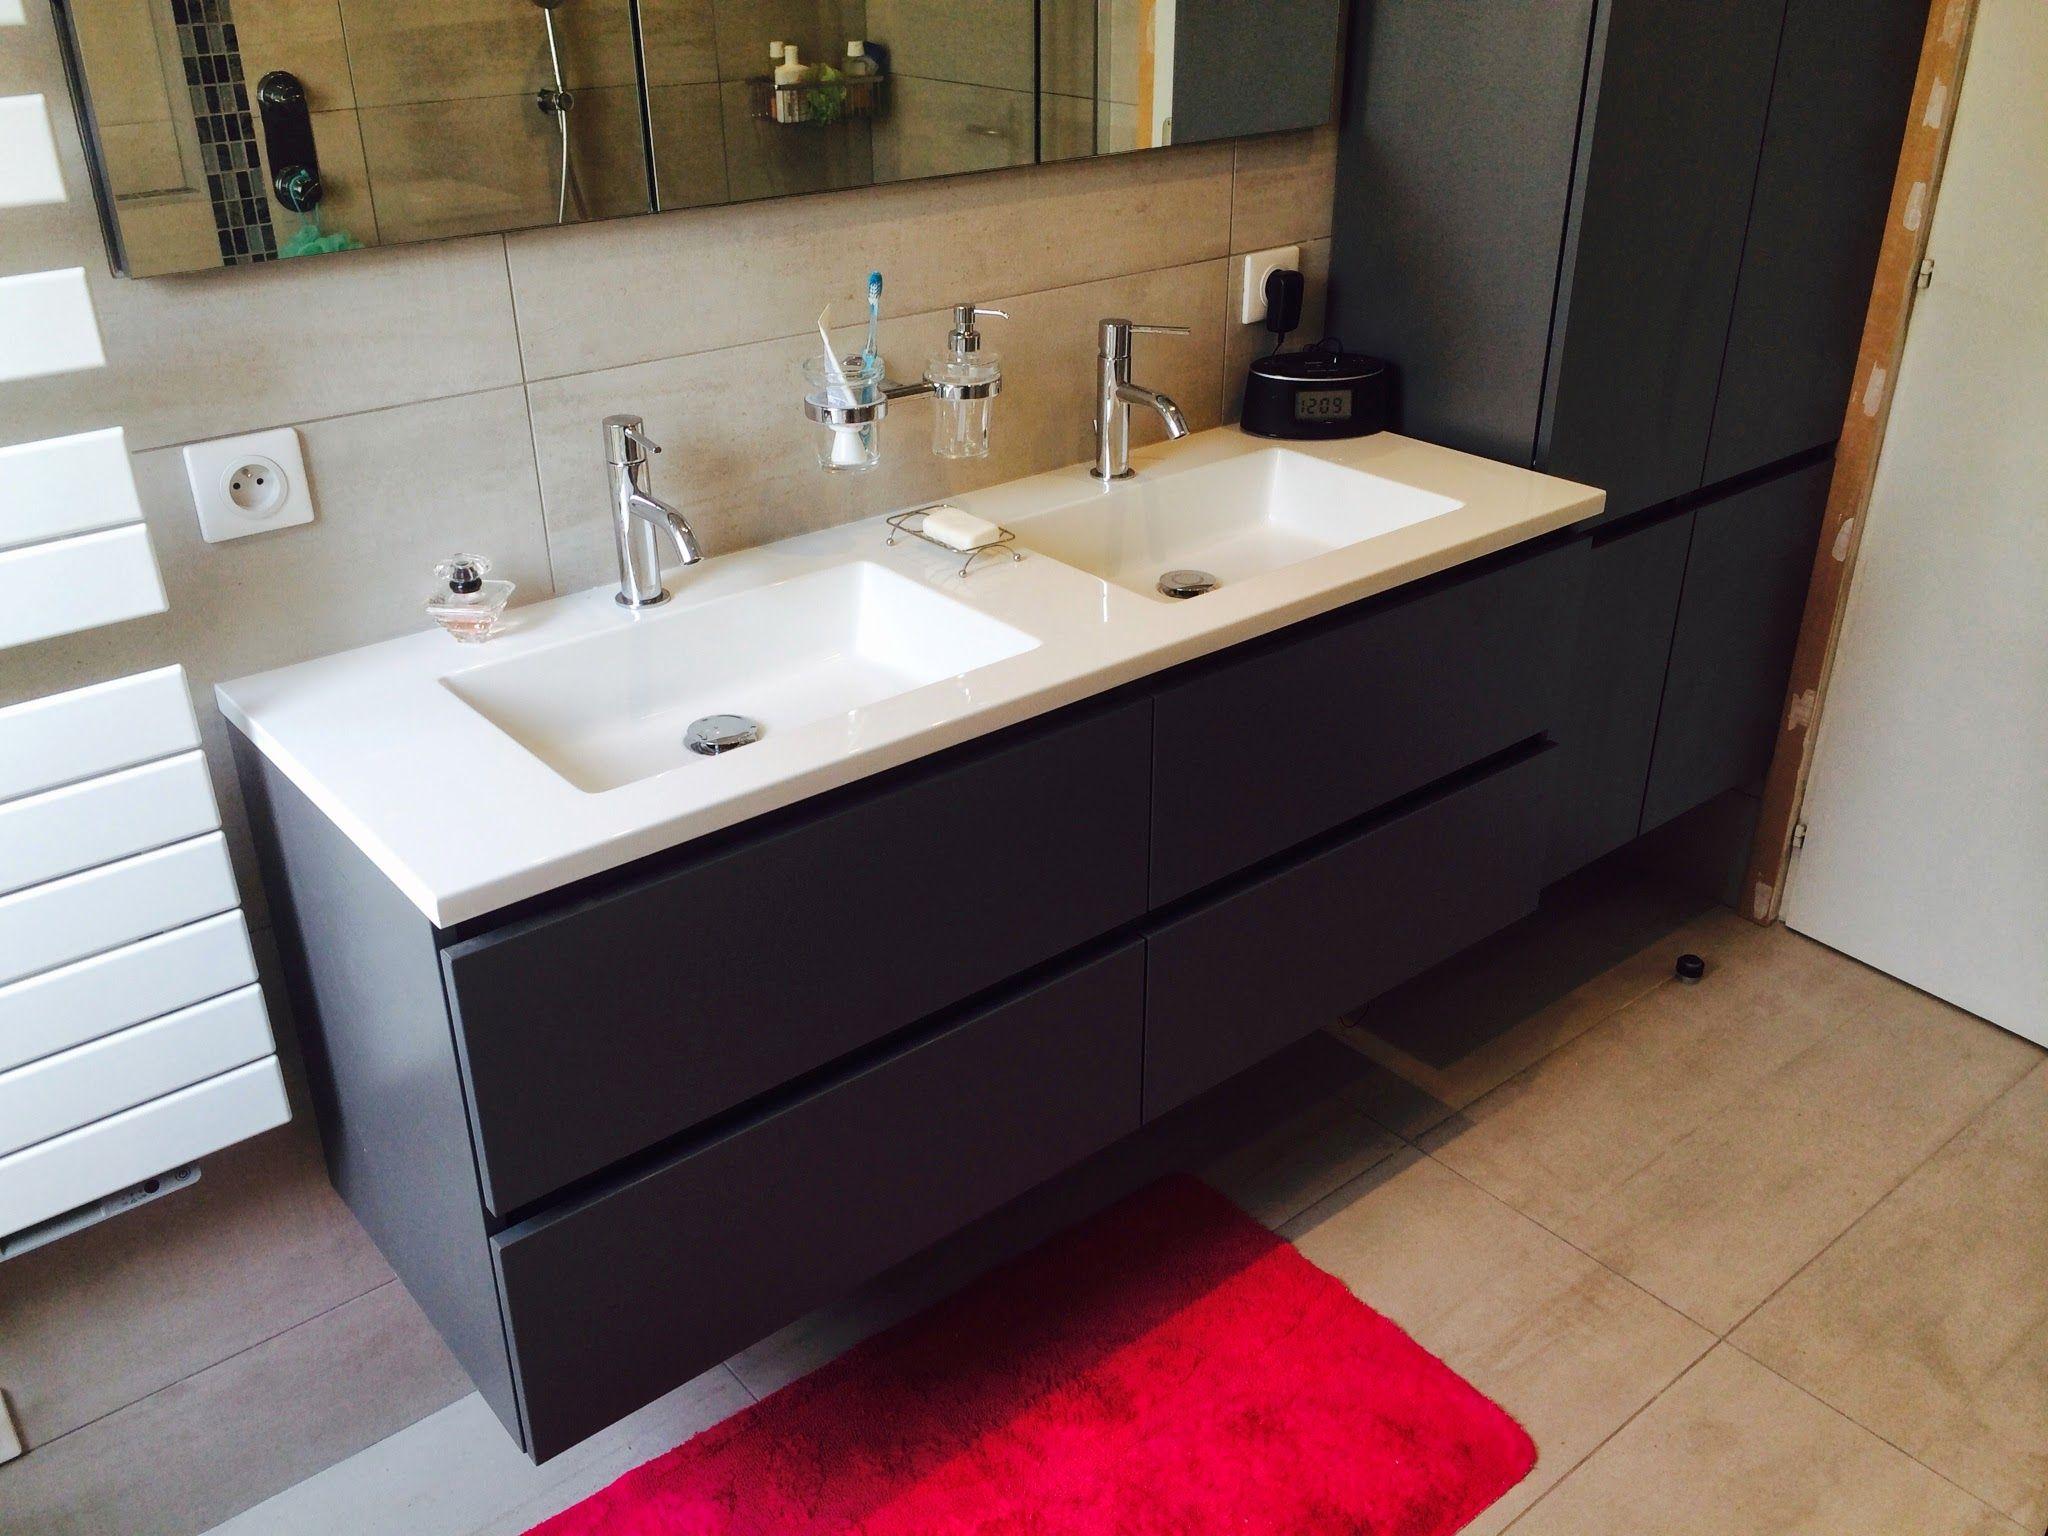 Carrelage Sol Salle De Bain Gris Anthracite rénovation d'une salle de bain avec baignoire asymétrique et